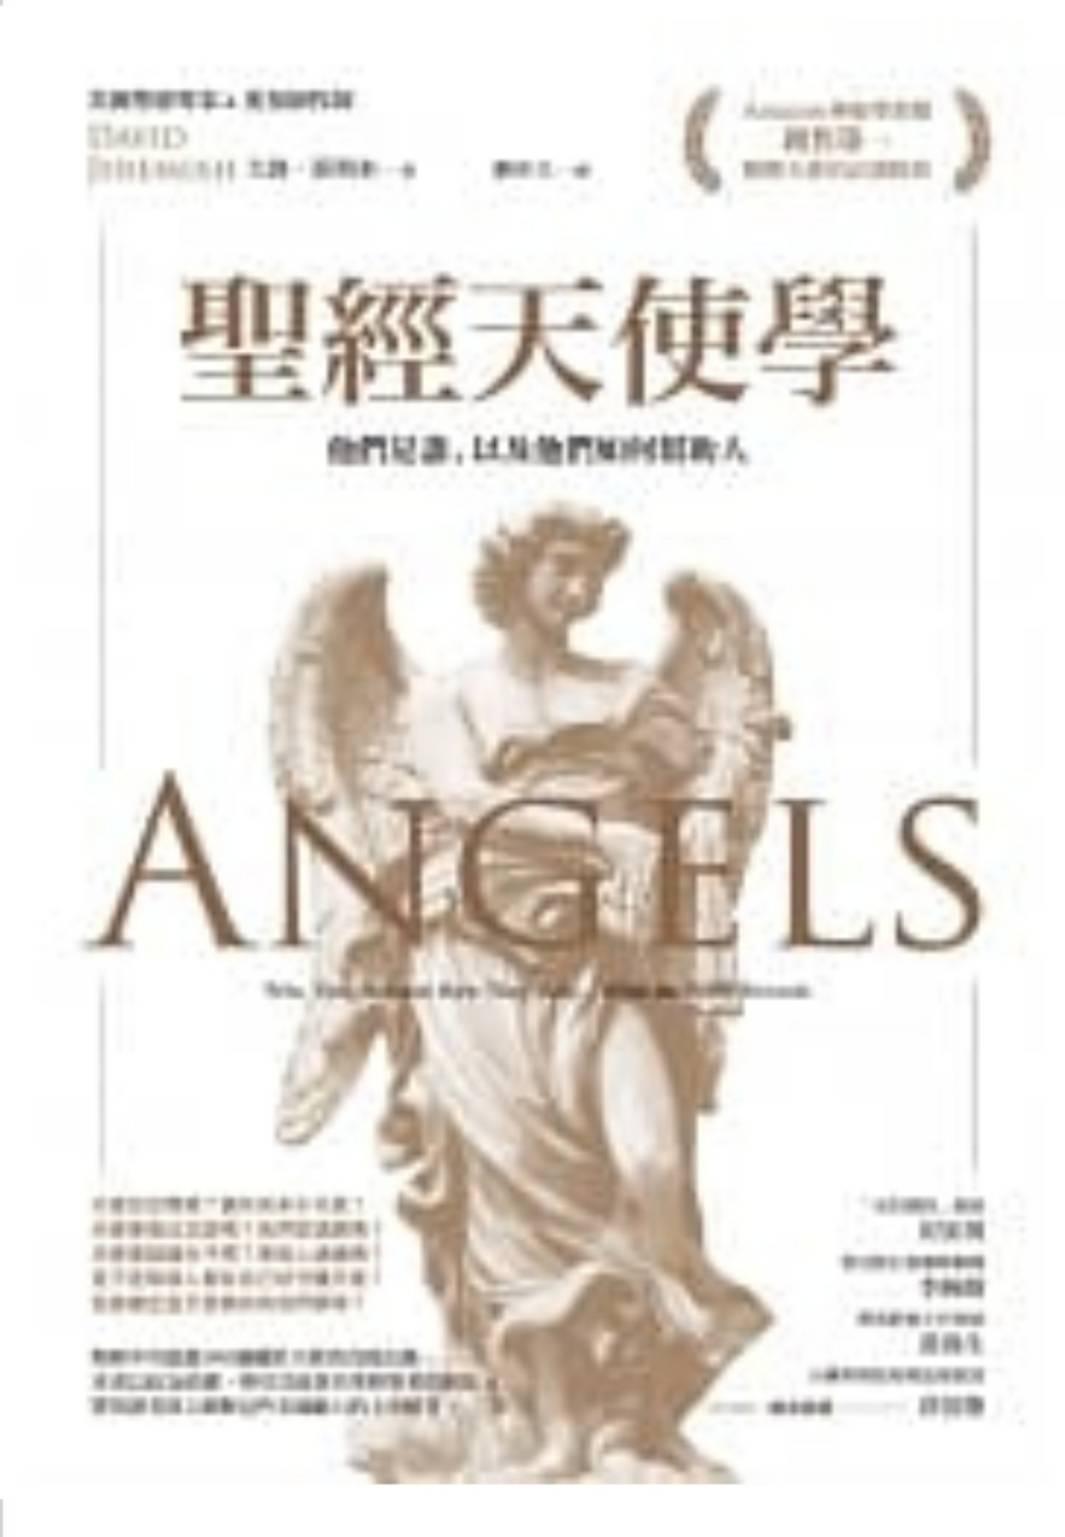 聖經天使學.jpg